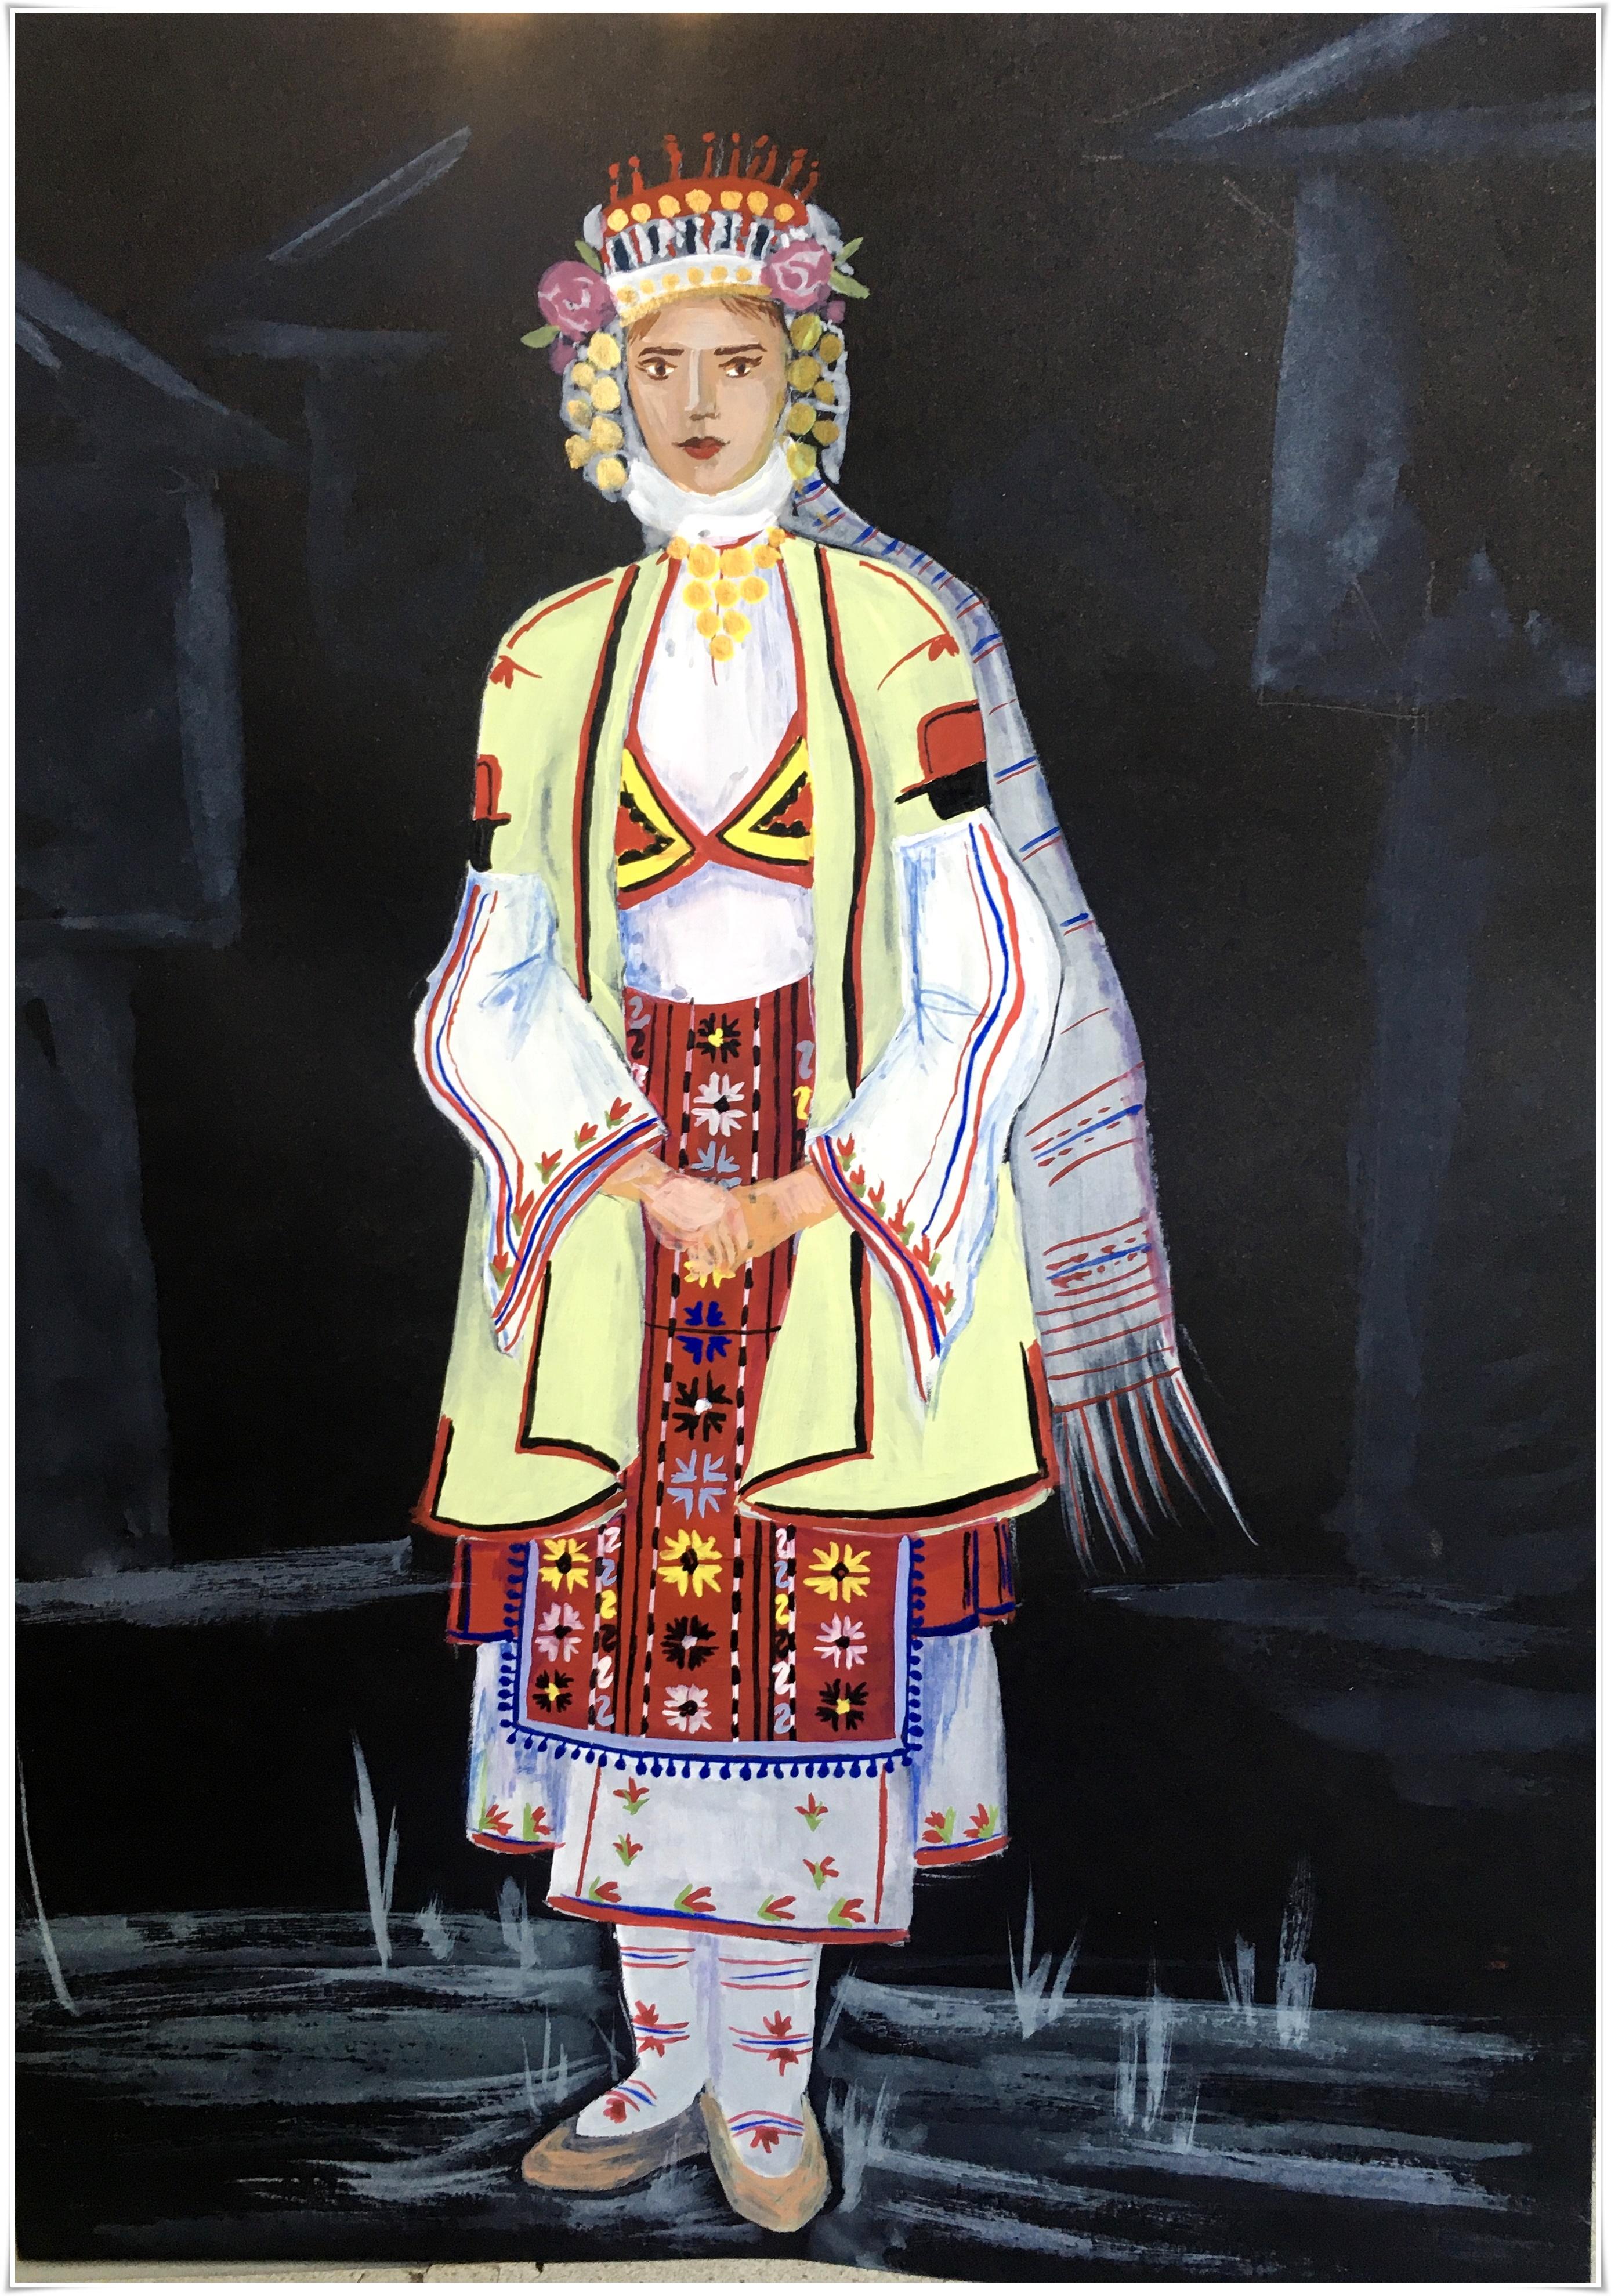 Анастасия Панчева, 17 г.